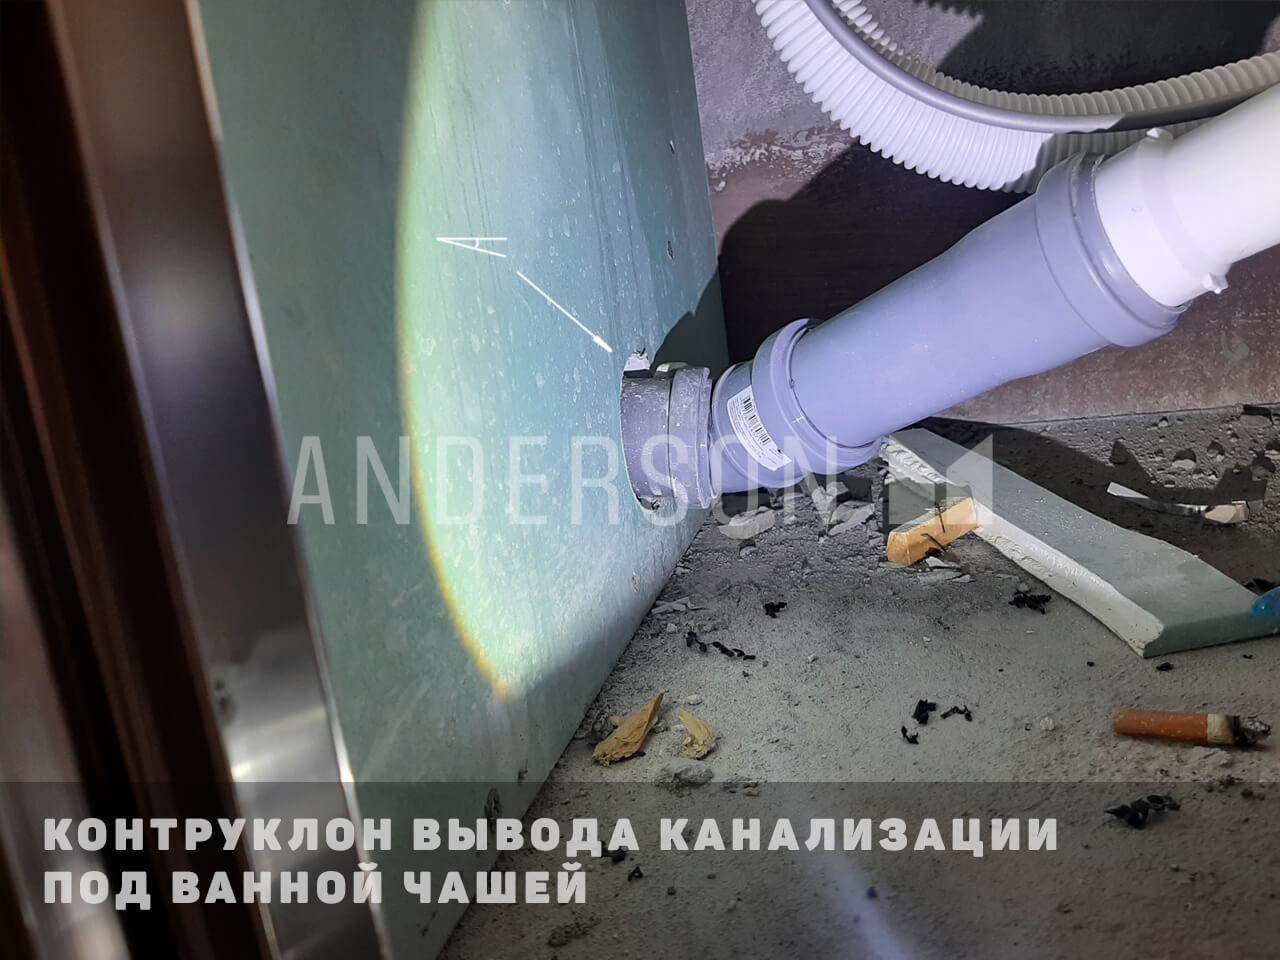 контруклон вывода канализации ванны